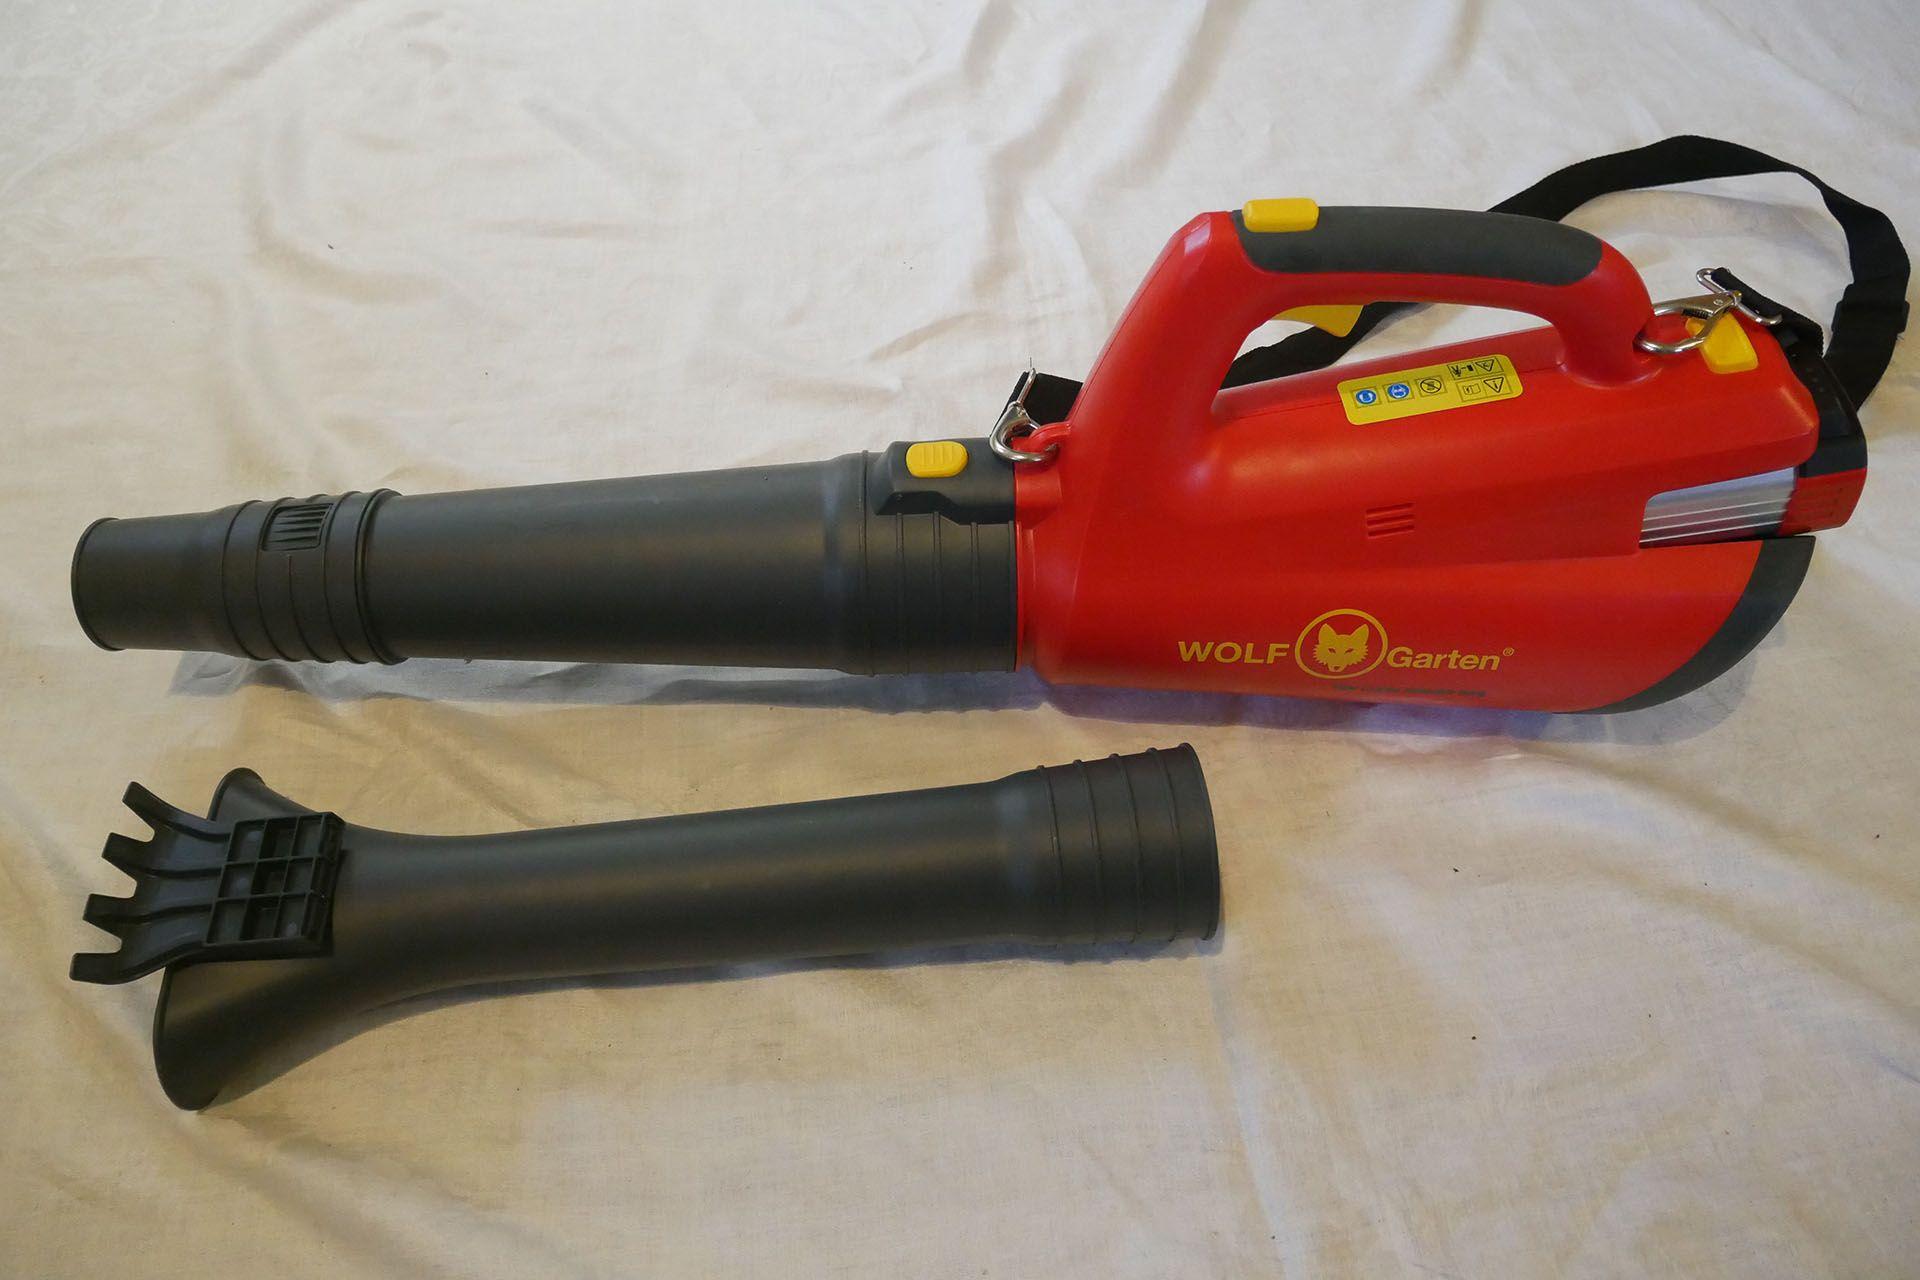 Wolf Garten 72v Li Ion Power 24b Leaf Blower Review Leaf Blower